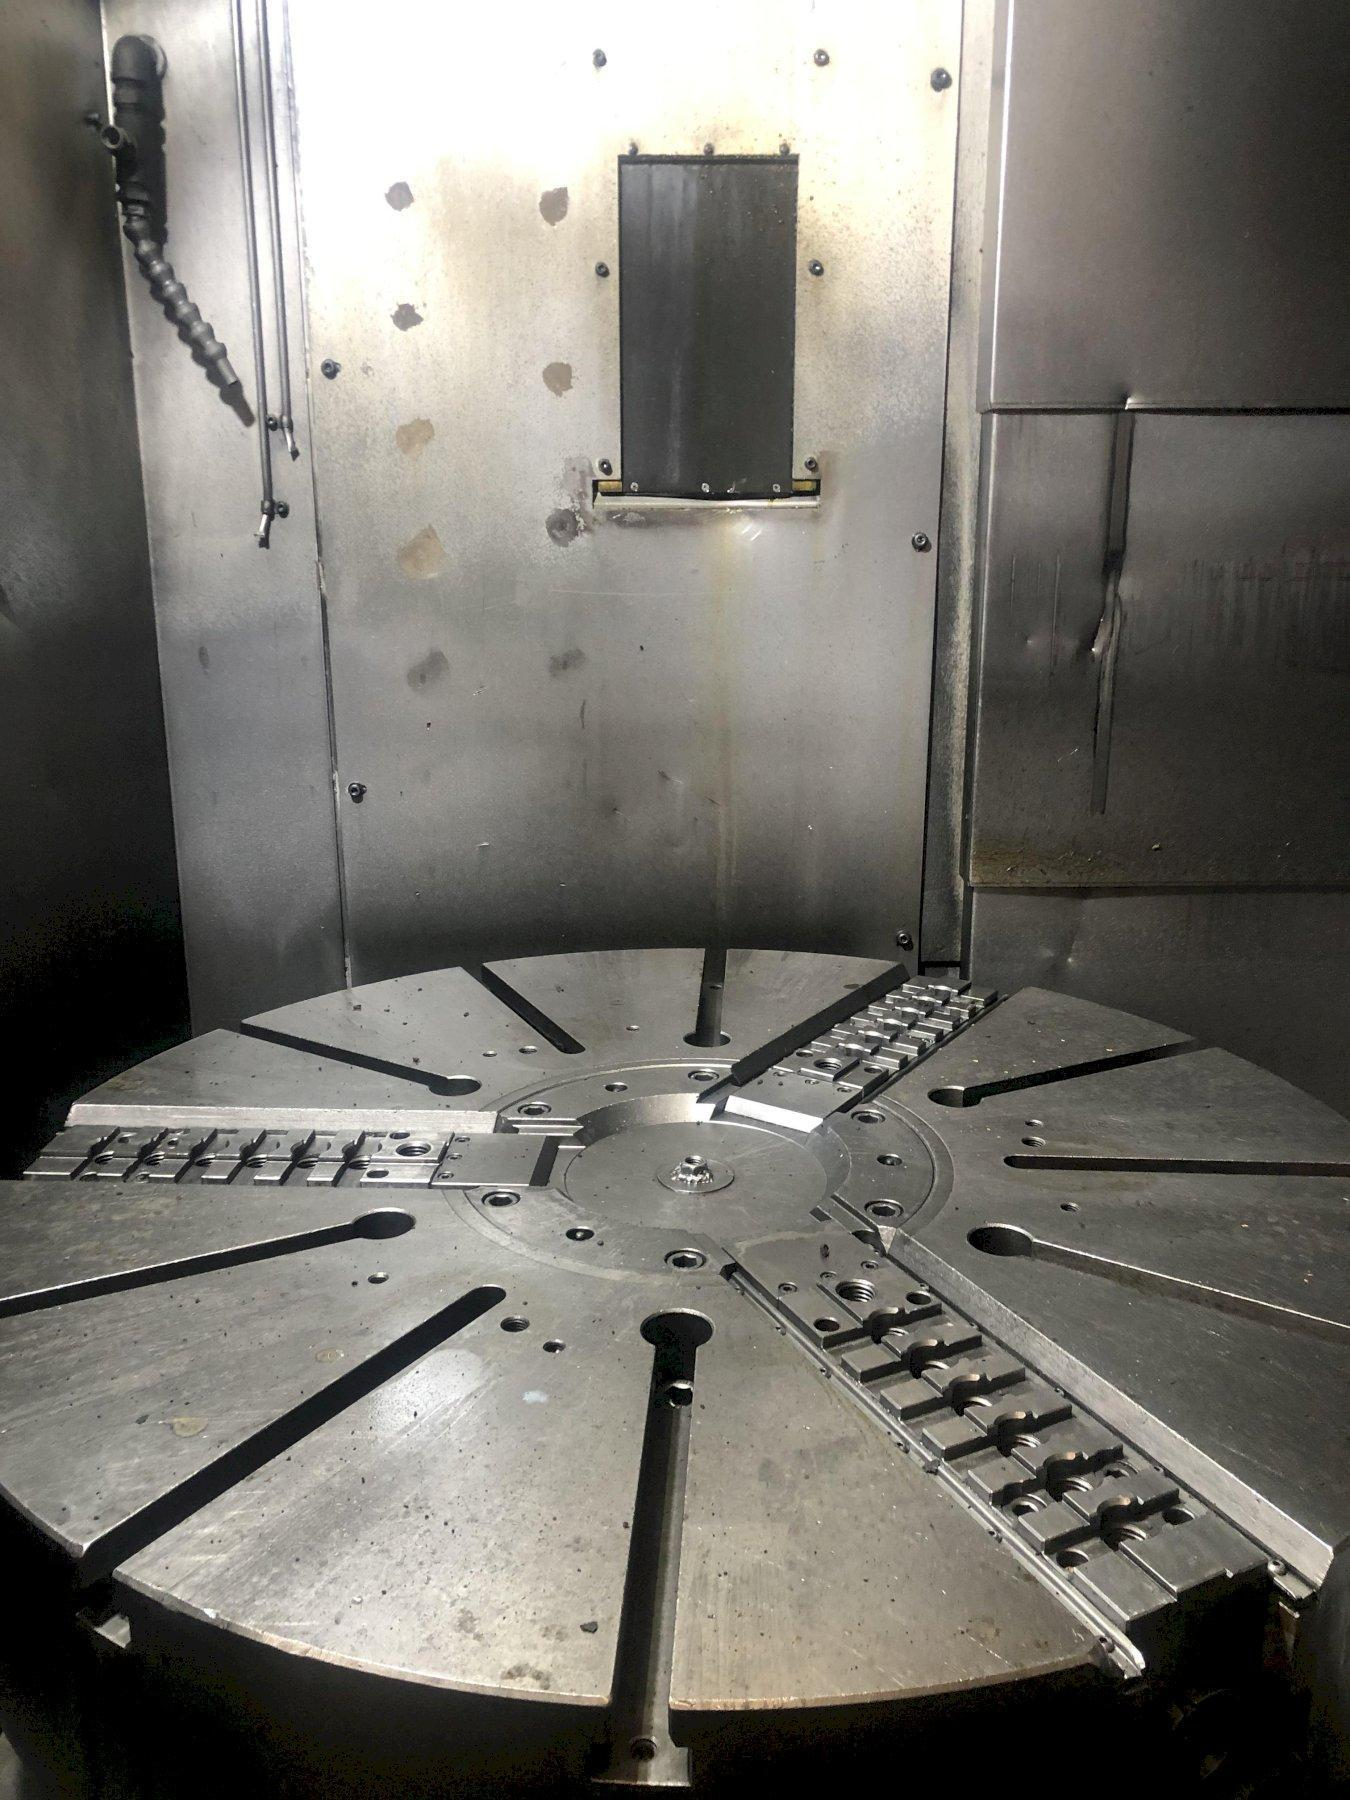 2007 Okuma VTM-100 CNC Vertical Lathe